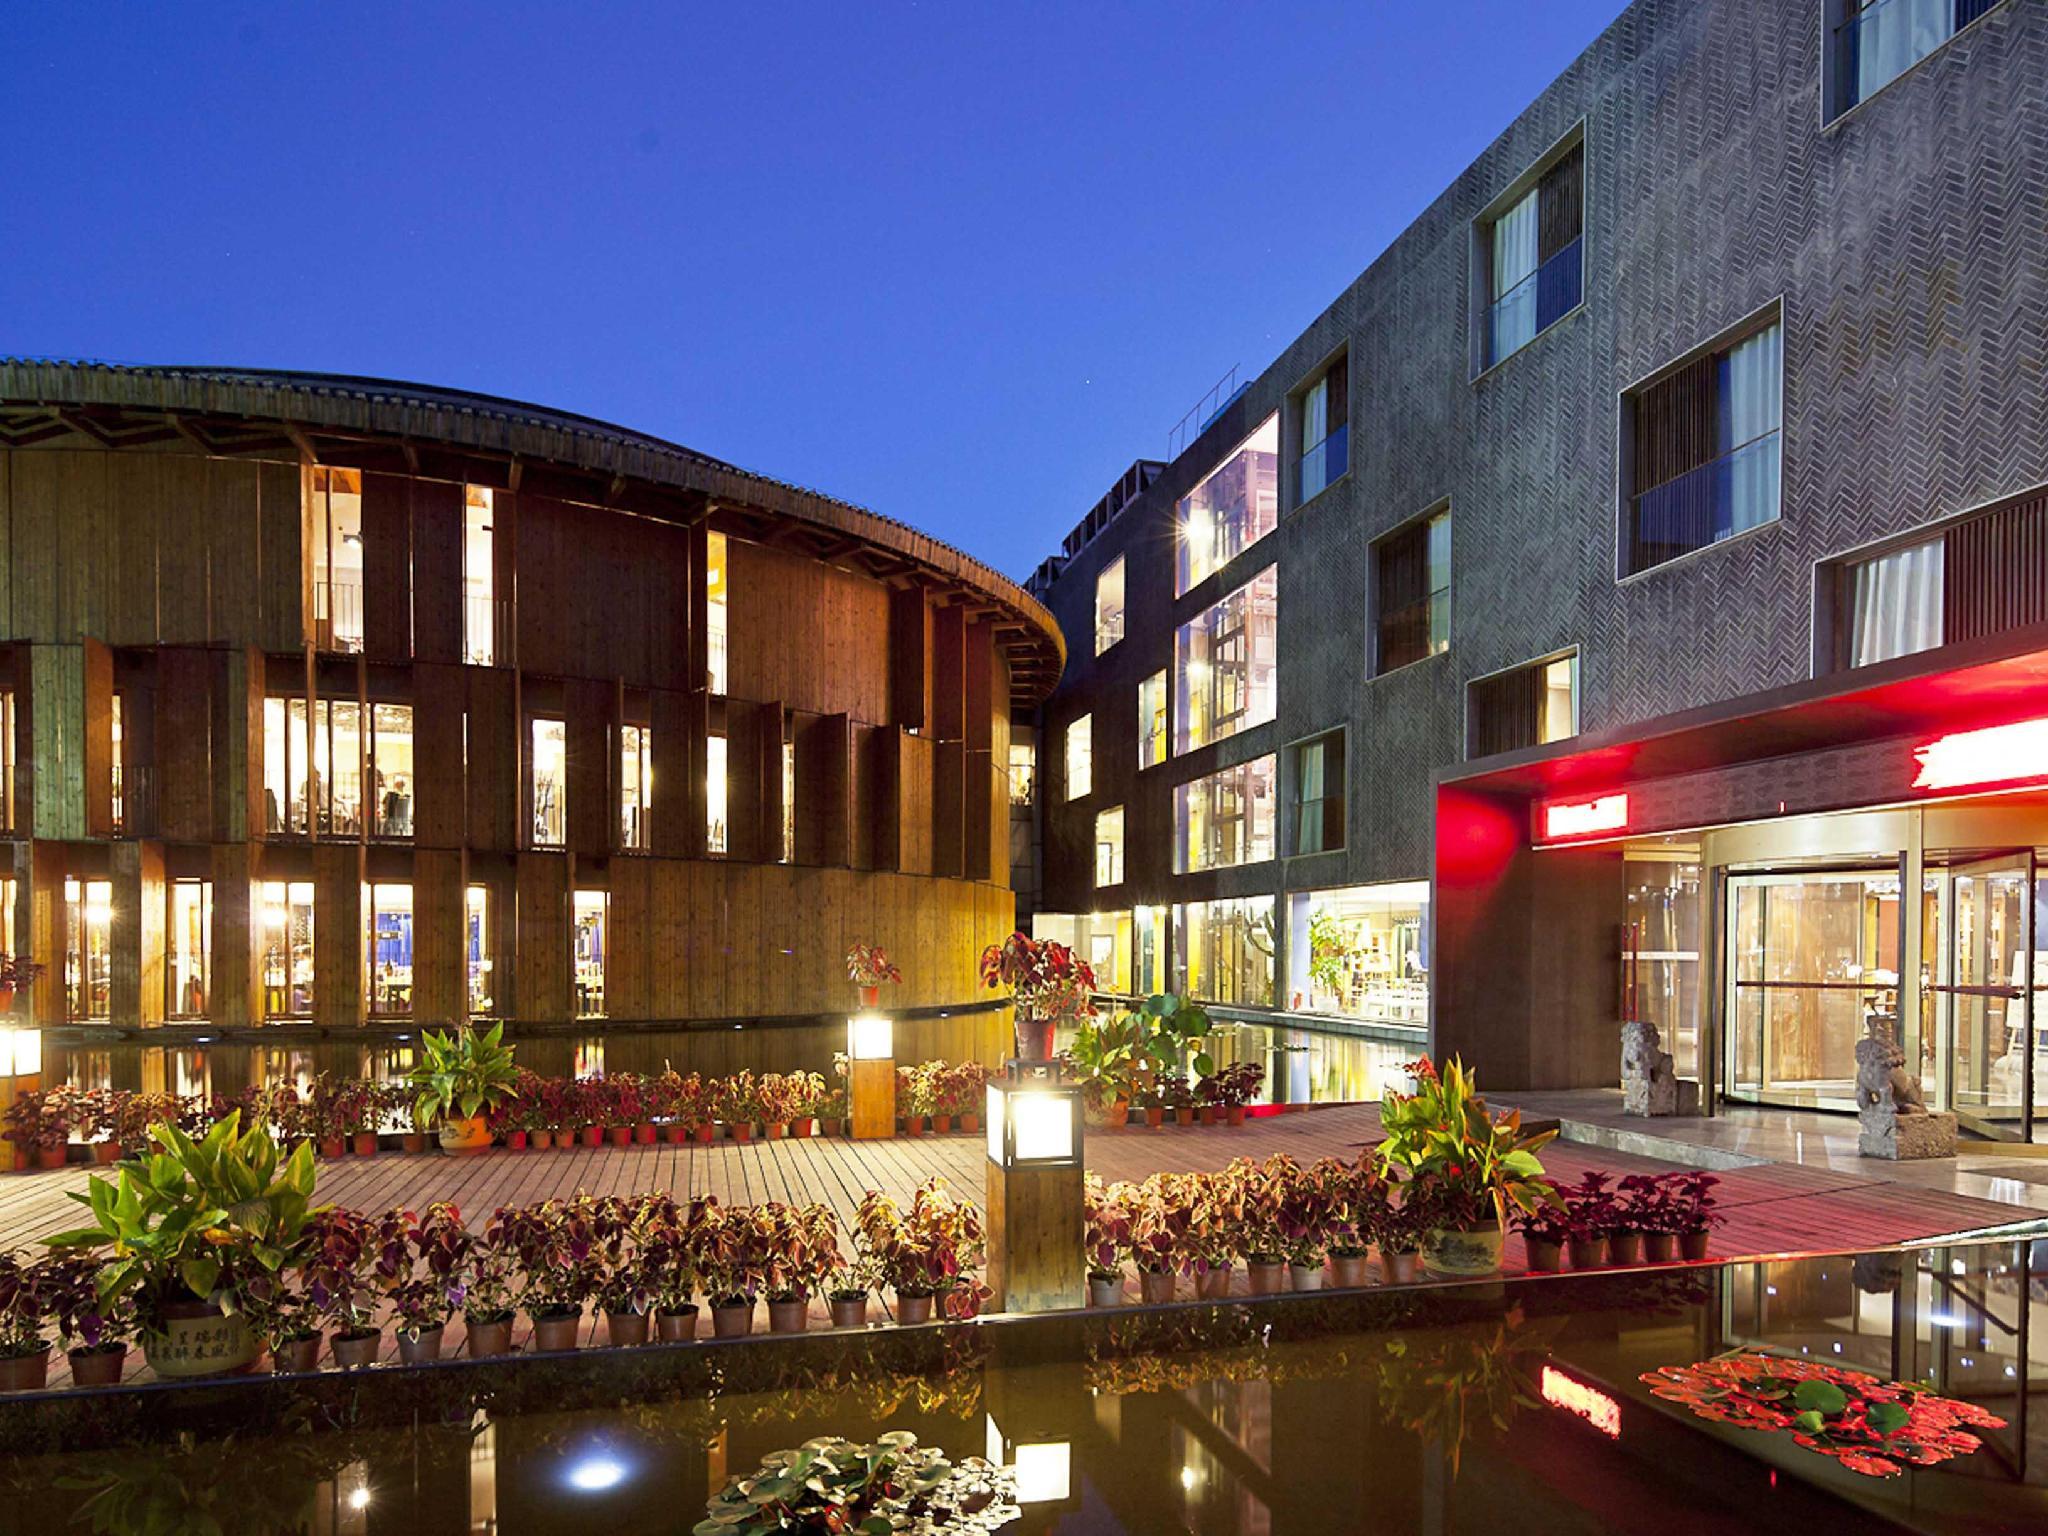 China Community Art And Culture Hotel Qingdao - Qingdao